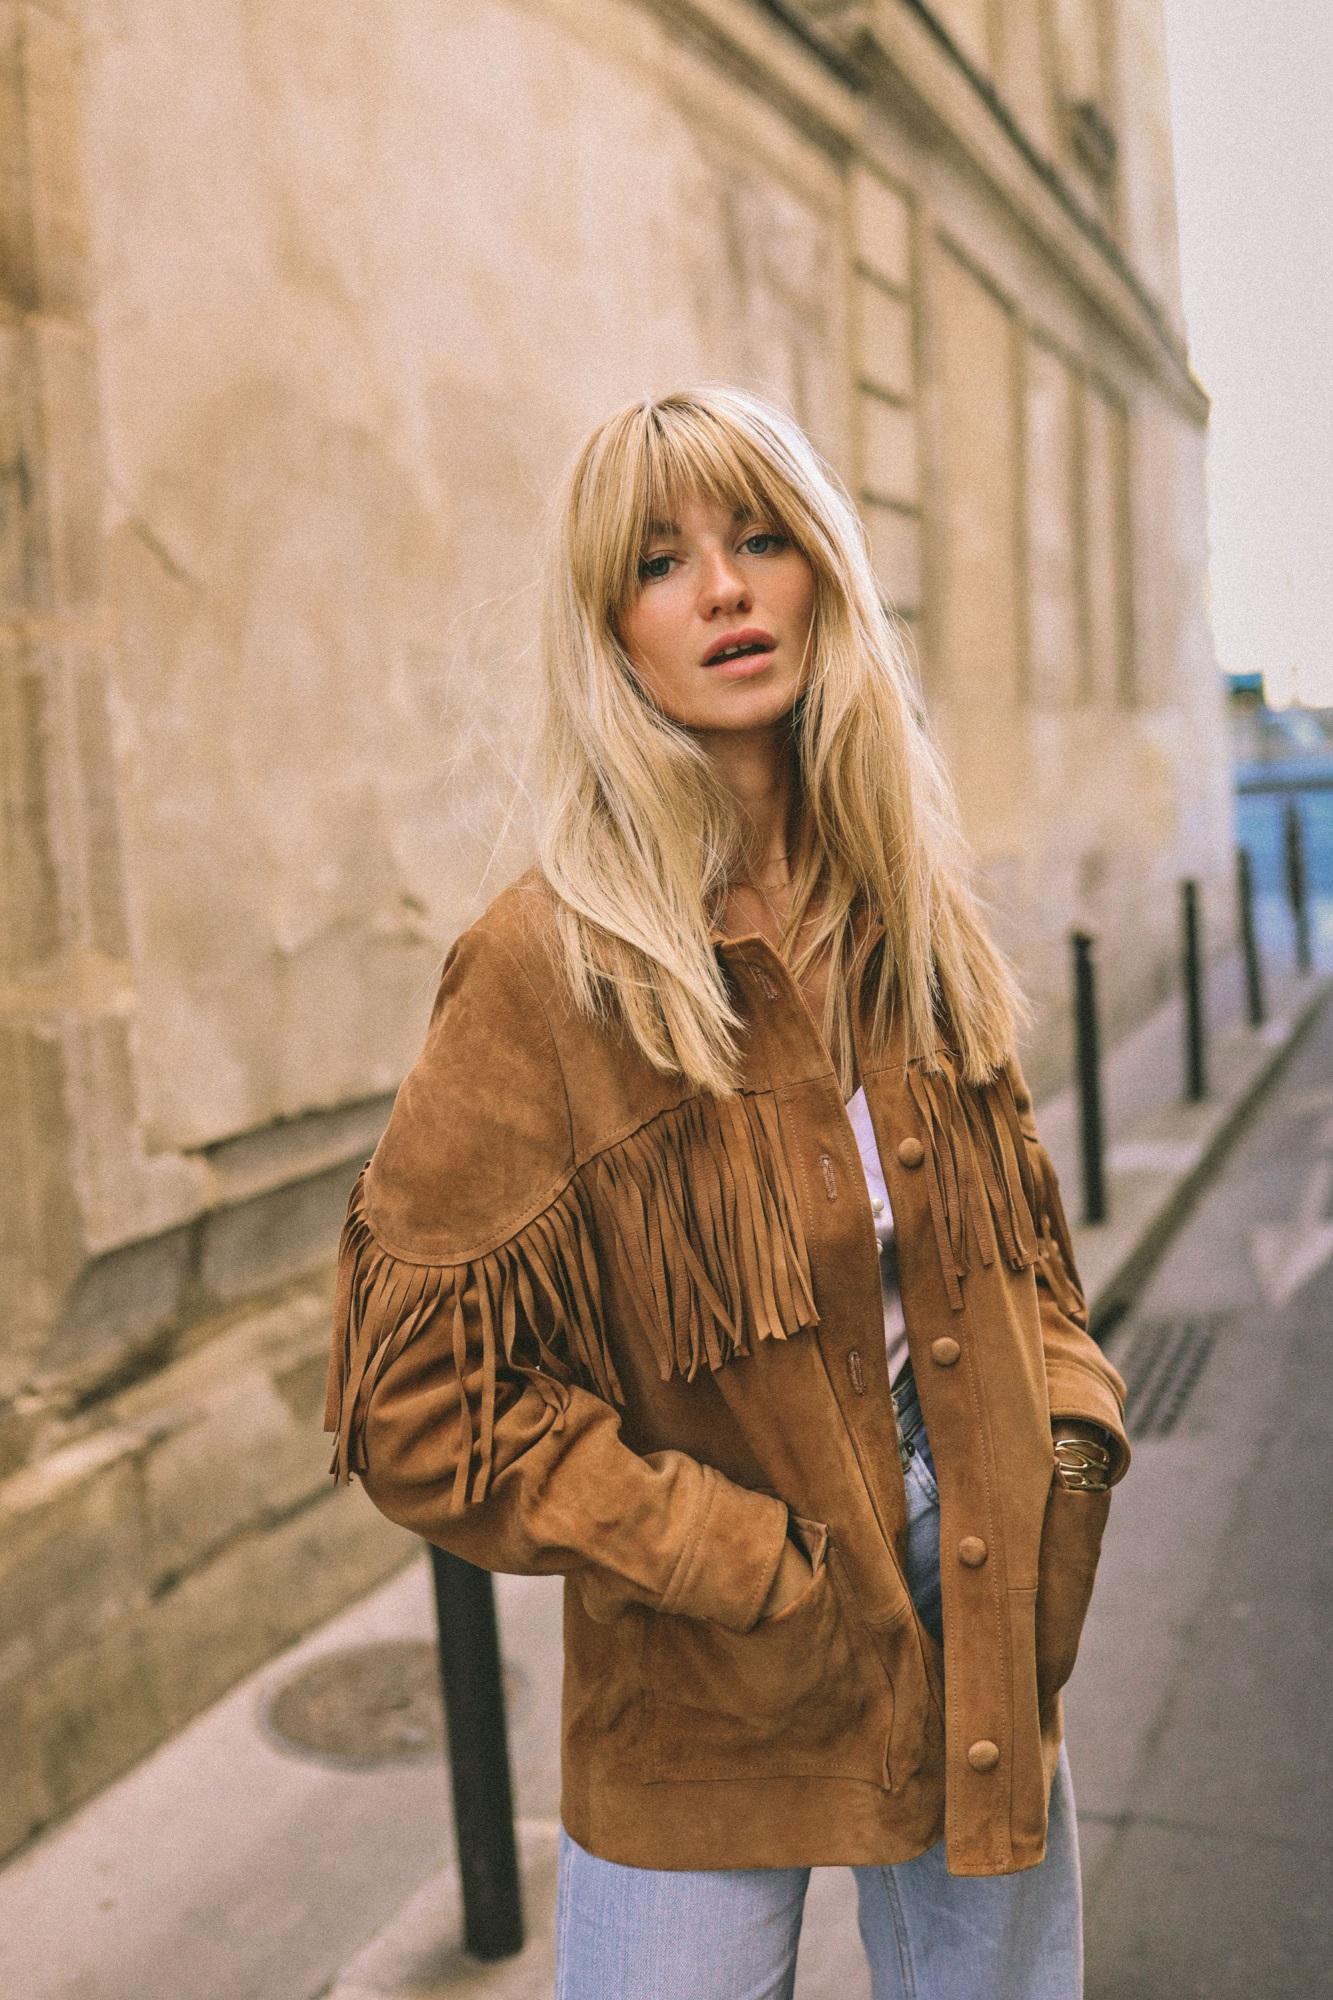 8 kiểu tóc gái Pháp luôn yêu cầu cắt khi ghé salon: Đơn giản mà cực sang chảnh, học theo thì thần thái lên hương - Ảnh 22